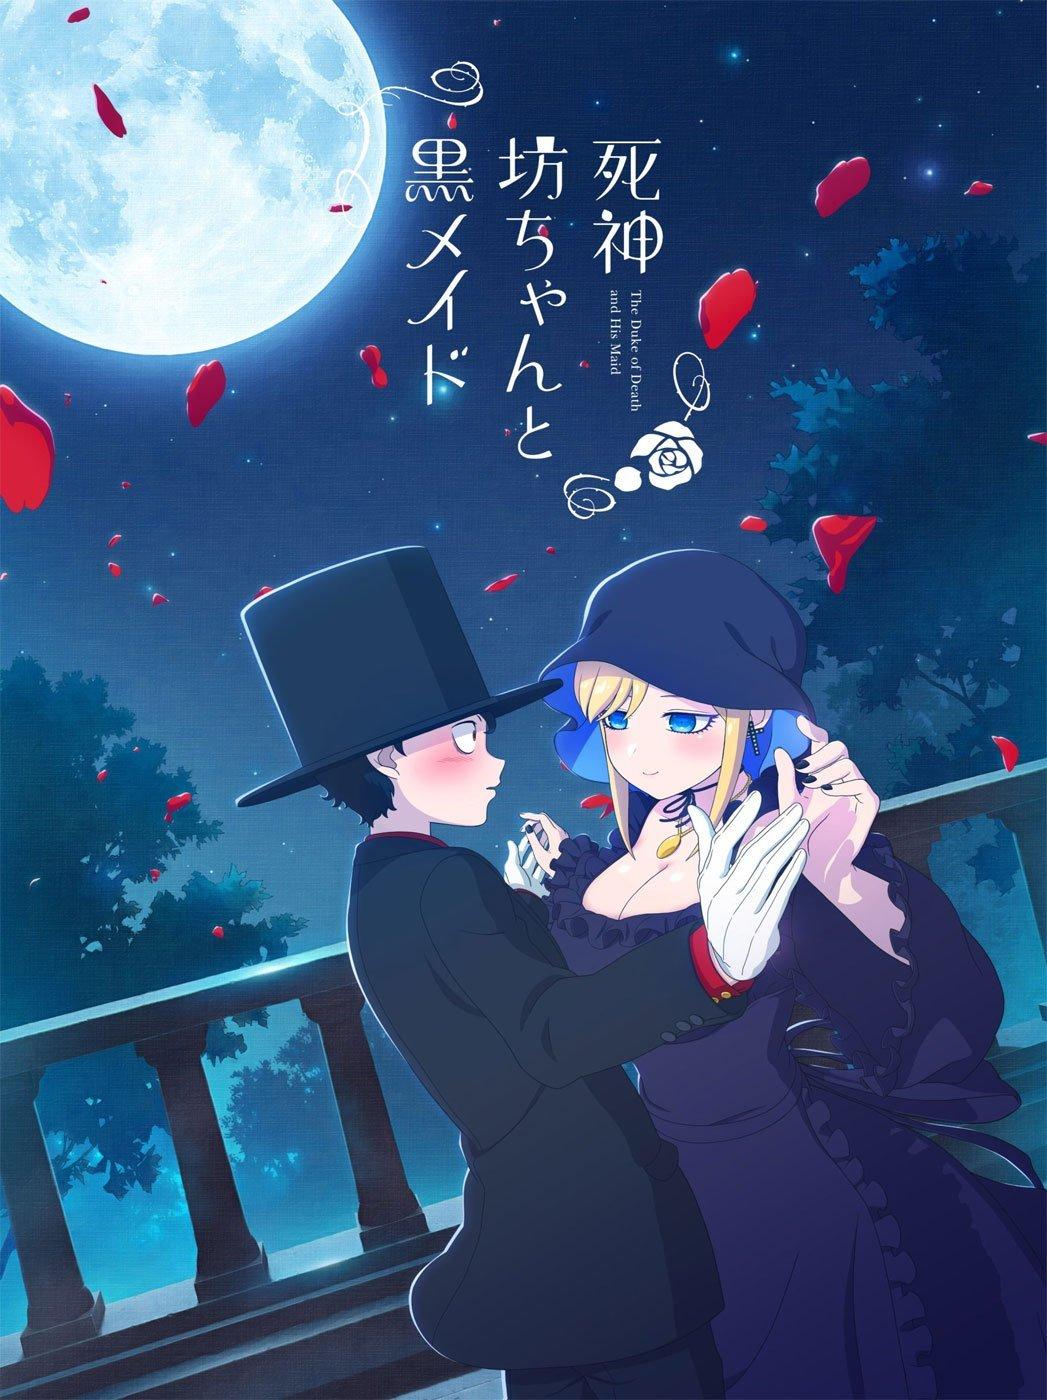 Imagen promocional de 'Shinigami Bocchan to Kuro Maid' con los protagonistas a punto de tocar sus manos a la luz de la luna.